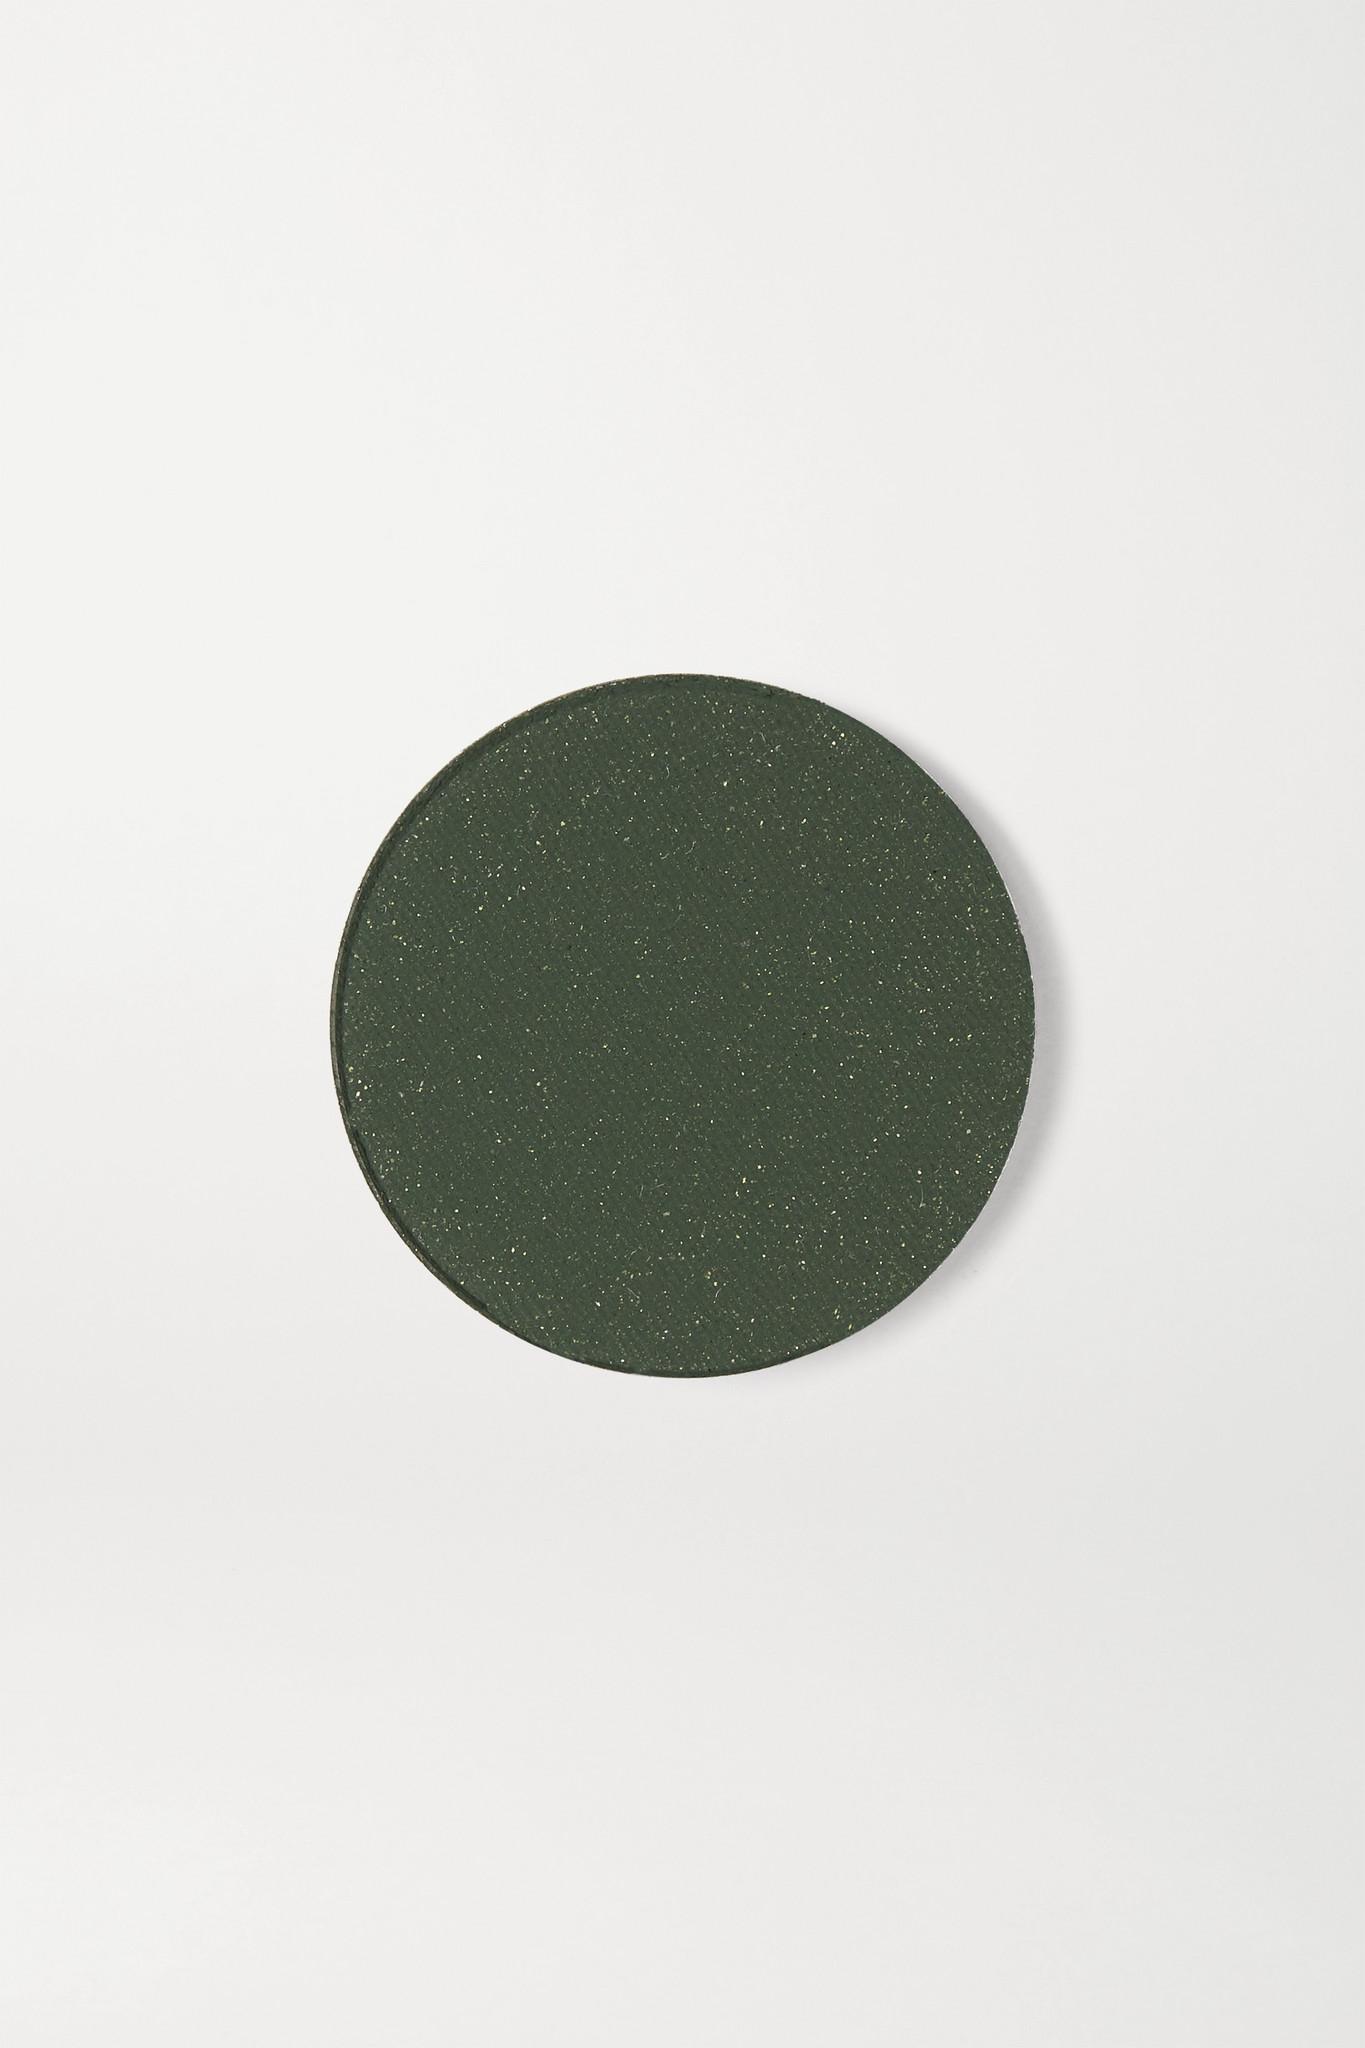 KJAER WEIS - Eye Shadow Refill - Green Depth - one size